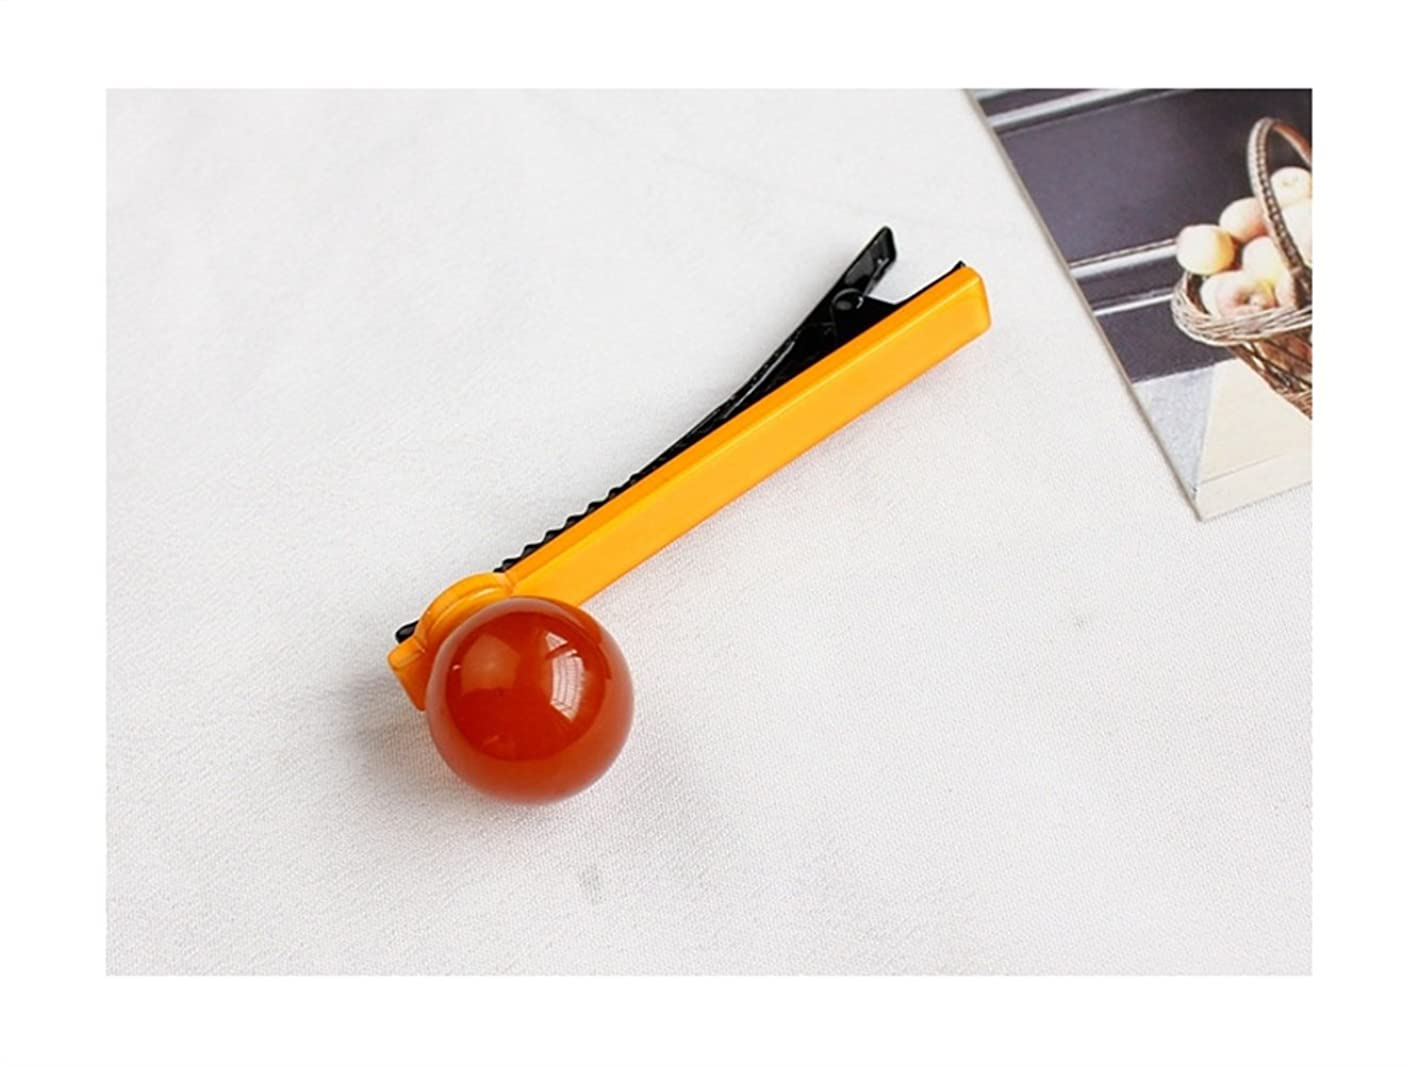 抑圧奇妙な約束するOsize 美しいスタイル ラウンドボールキャンディーカラーバングヘアピンダックビルクリップサイドクリップ(レッド+オレンジ)